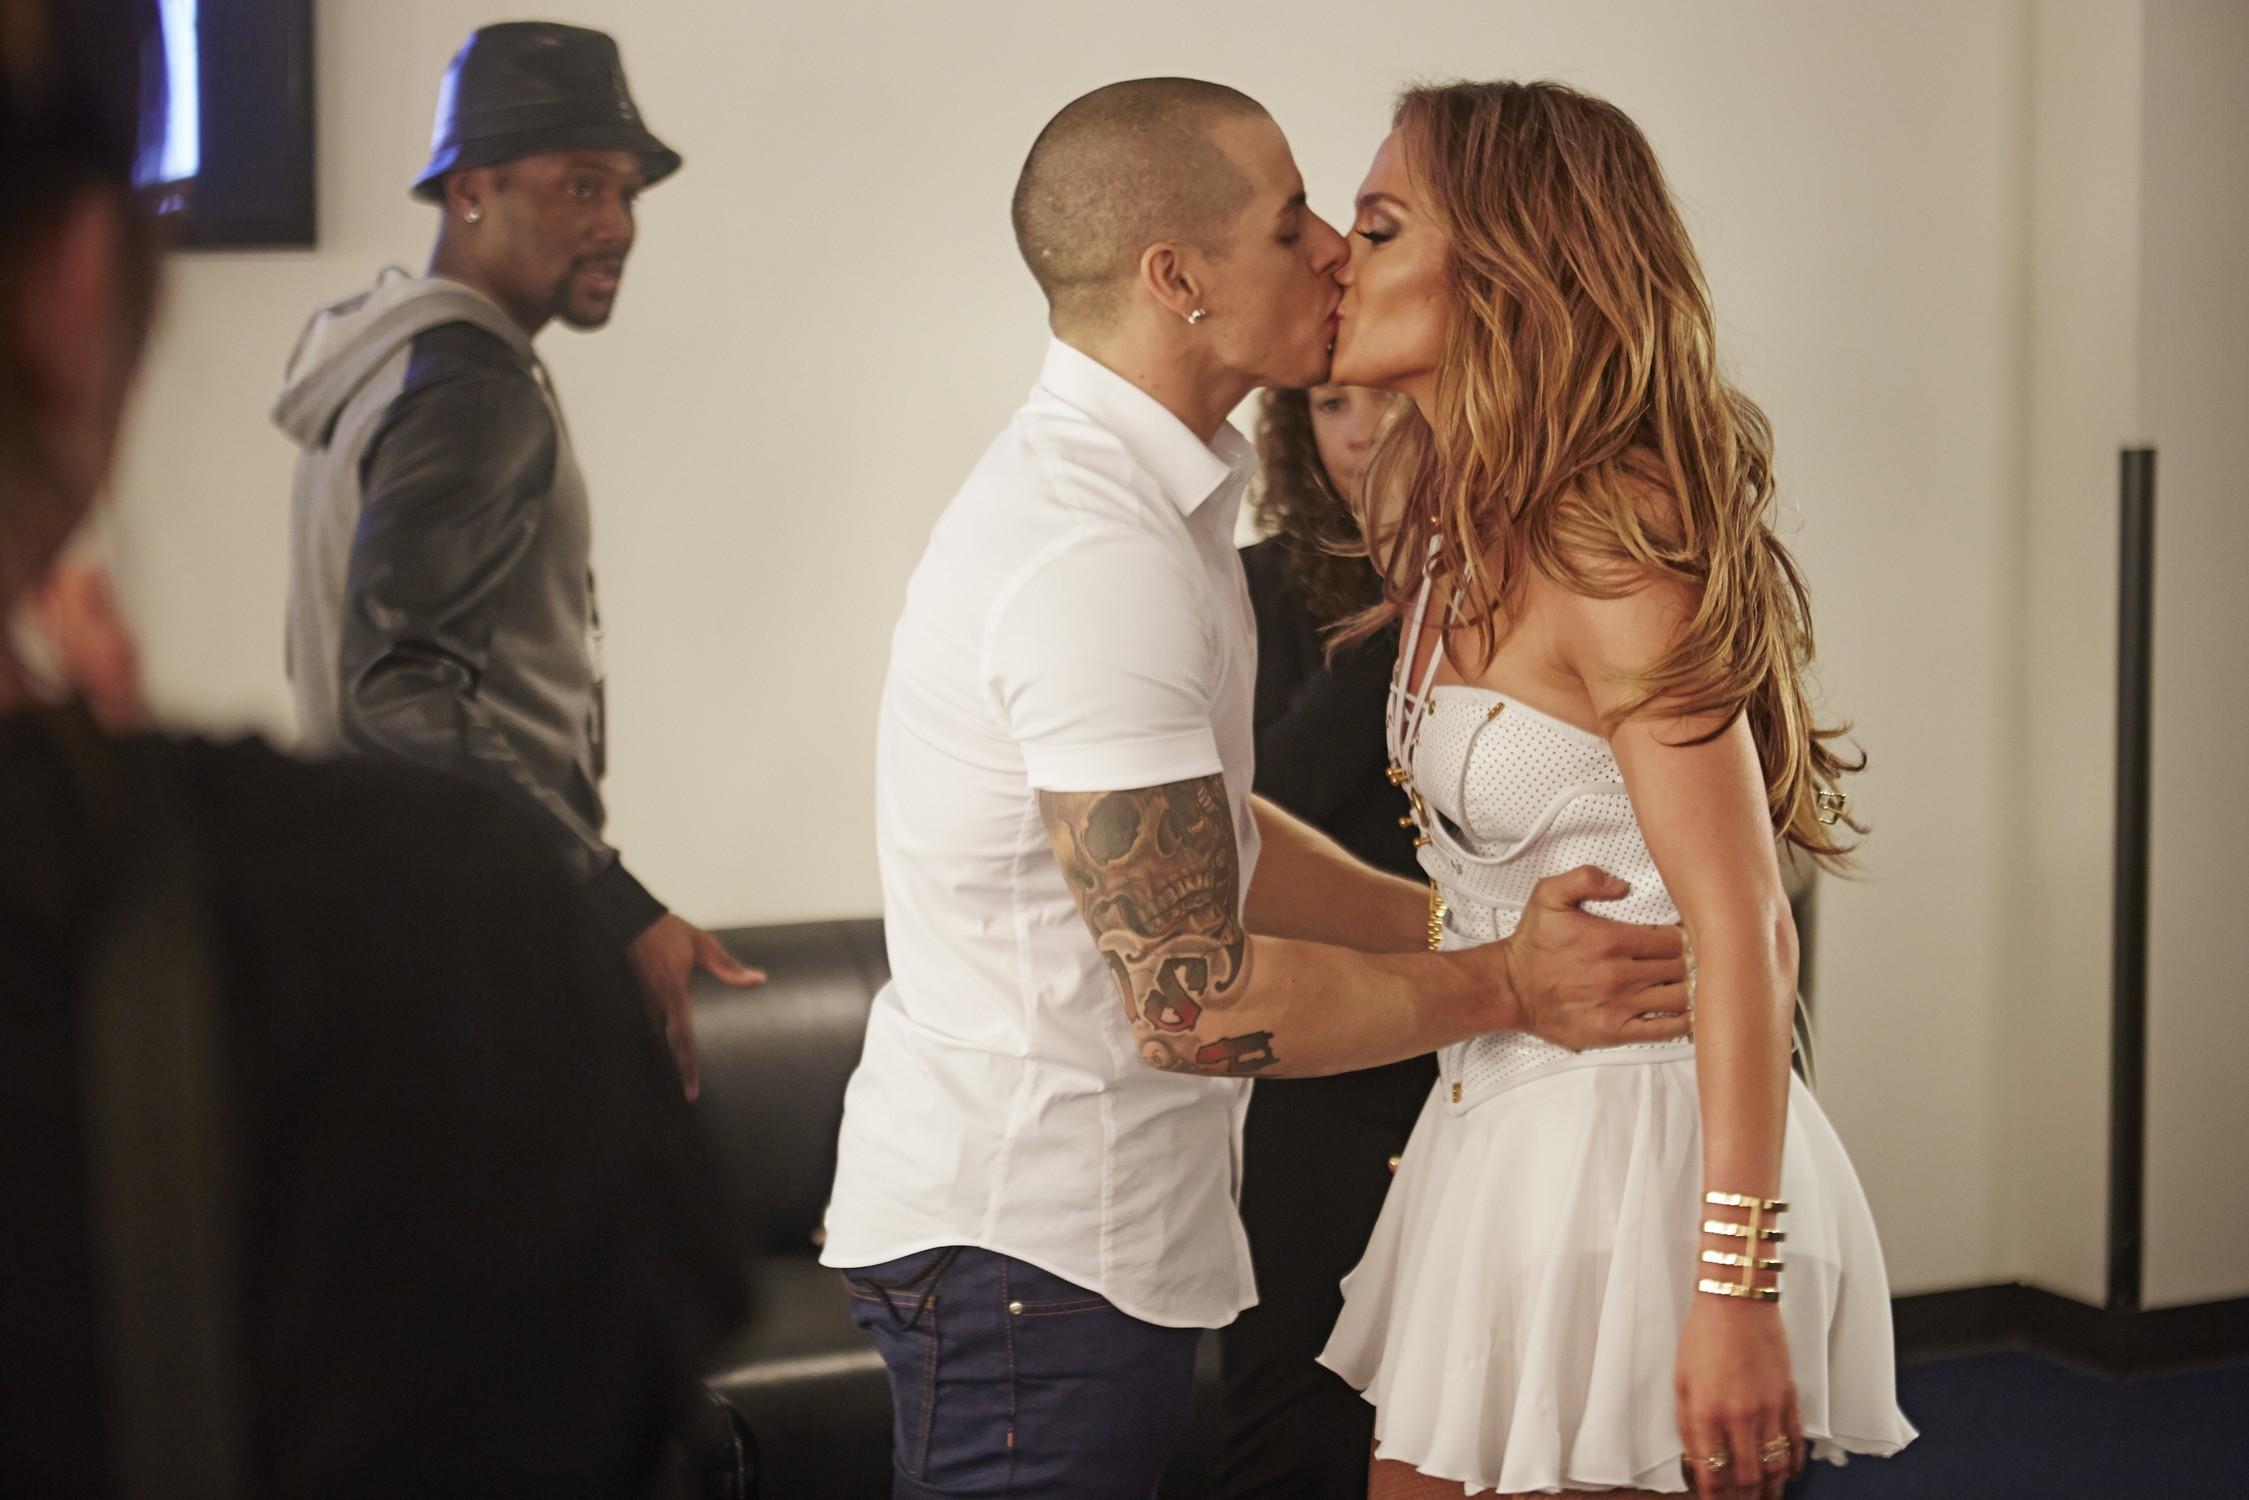 jennifer lopez casper smart boyfriend cosmopolitan insecurity kissing love